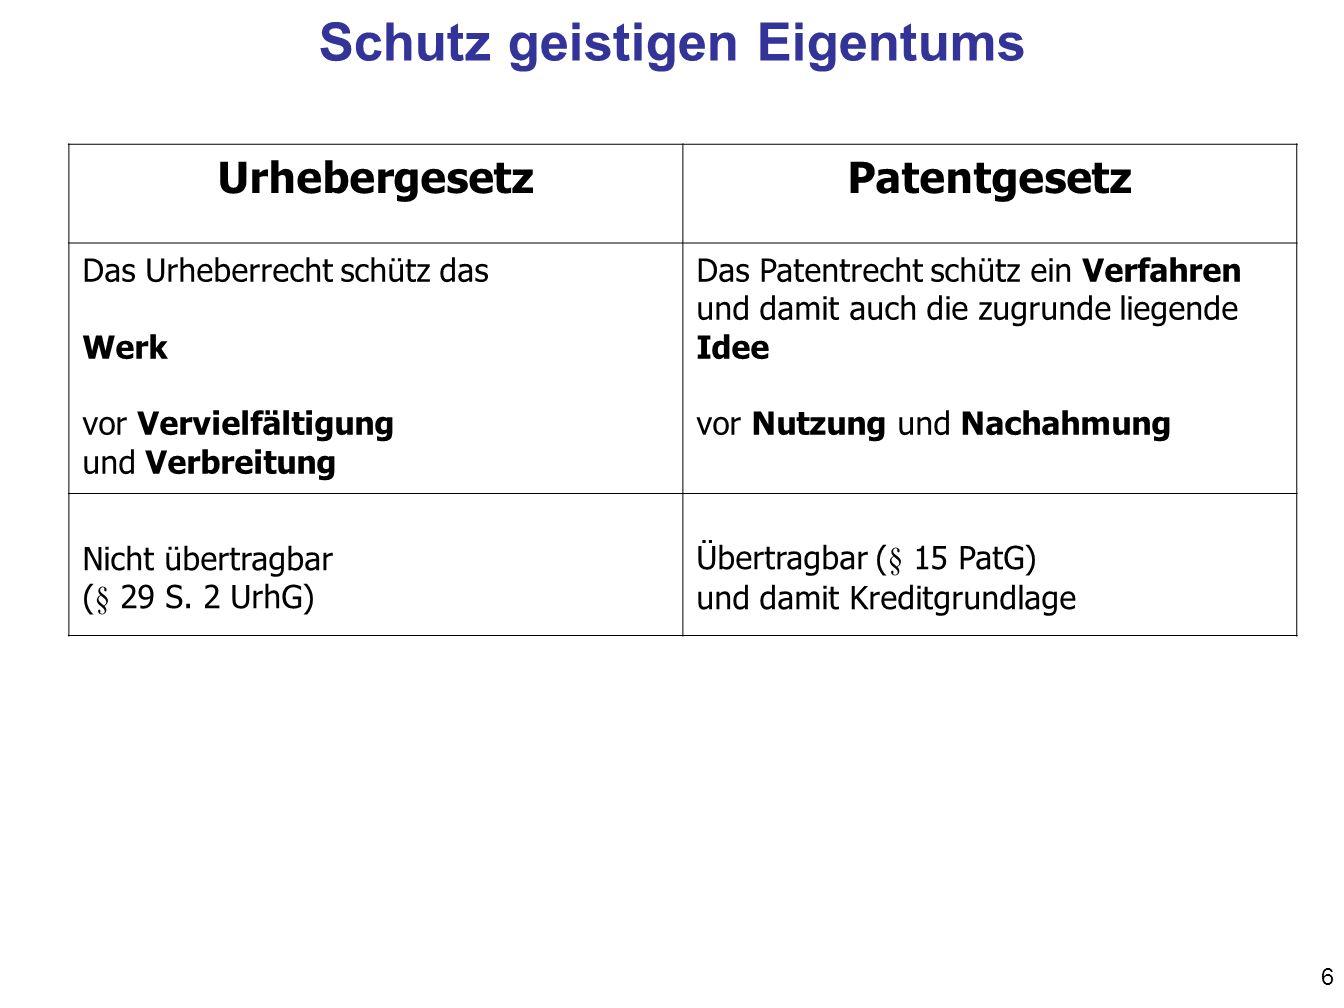 6 UrhebergesetzPatentgesetz Das Urheberrecht schütz das Werk vor Vervielfältigung und Verbreitung Das Patentrecht schütz ein Verfahren und damit auch die zugrunde liegende Idee vor Nutzung und Nachahmung Nicht übertragbar (§ 29 S.